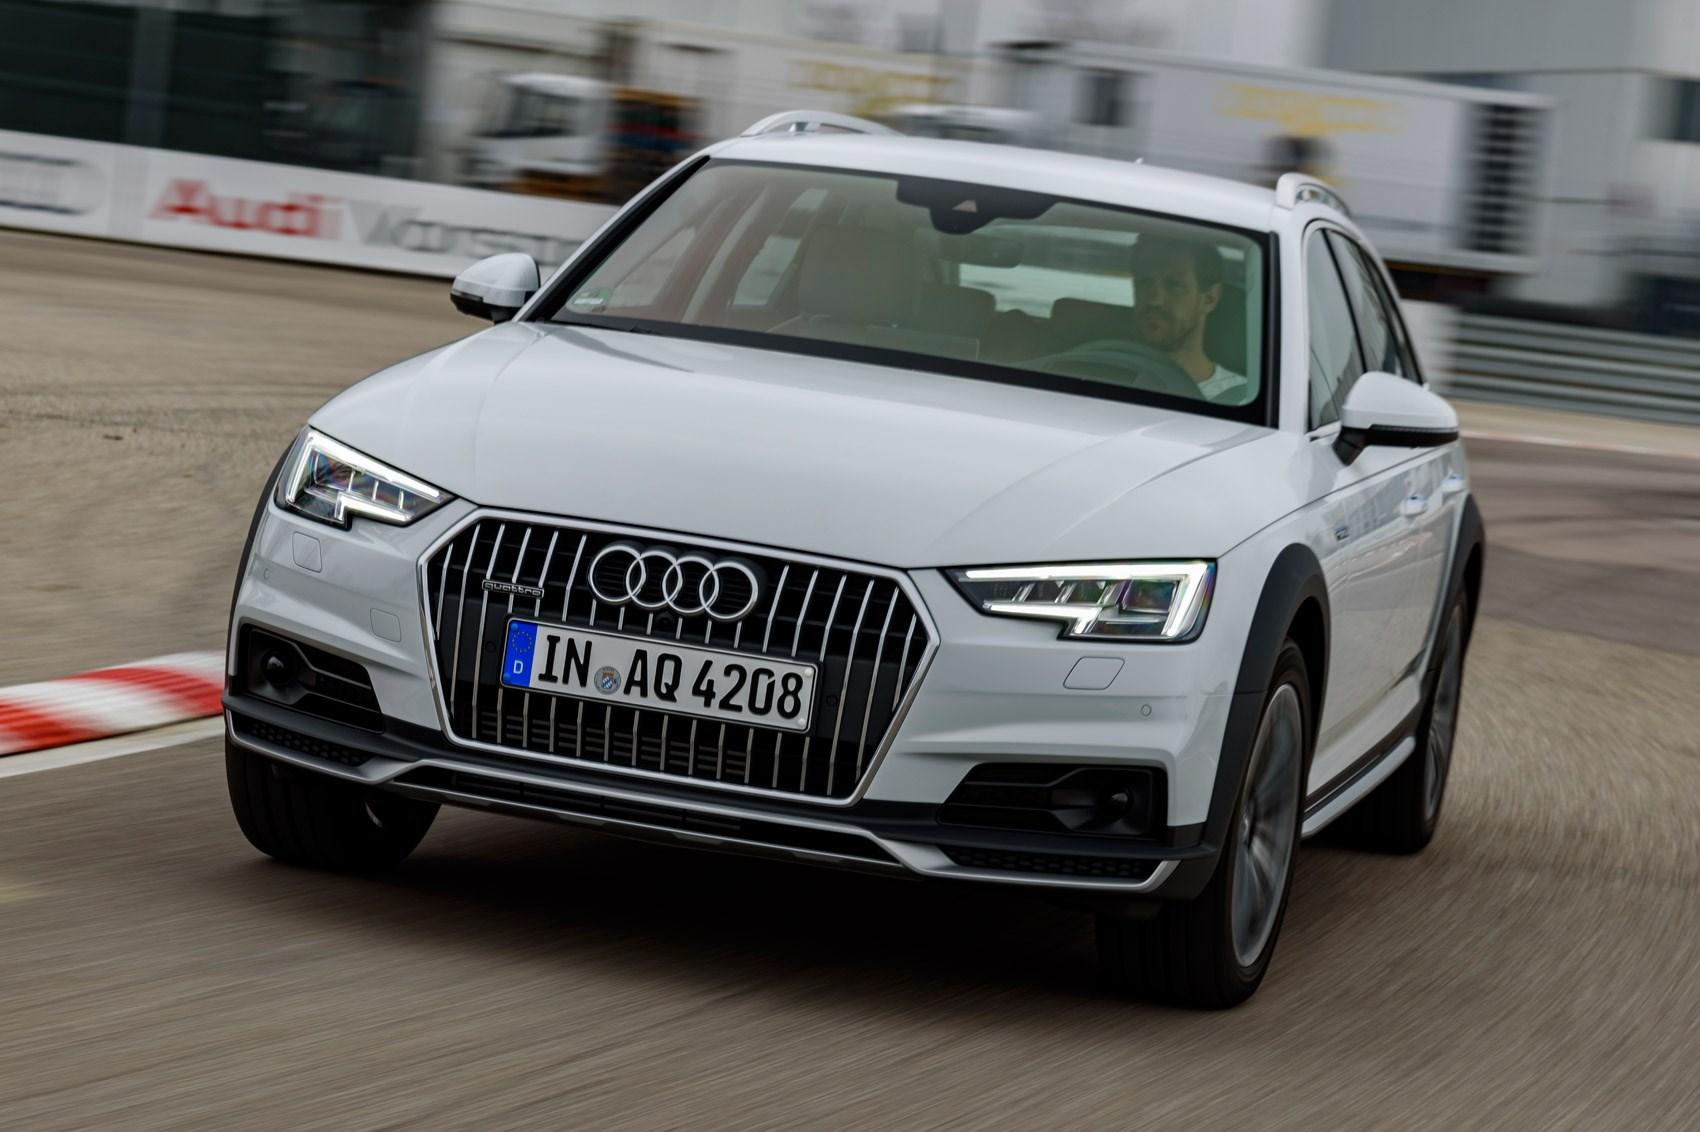 Ауди снизила цены на детали иавтомобили в Российской Федерации